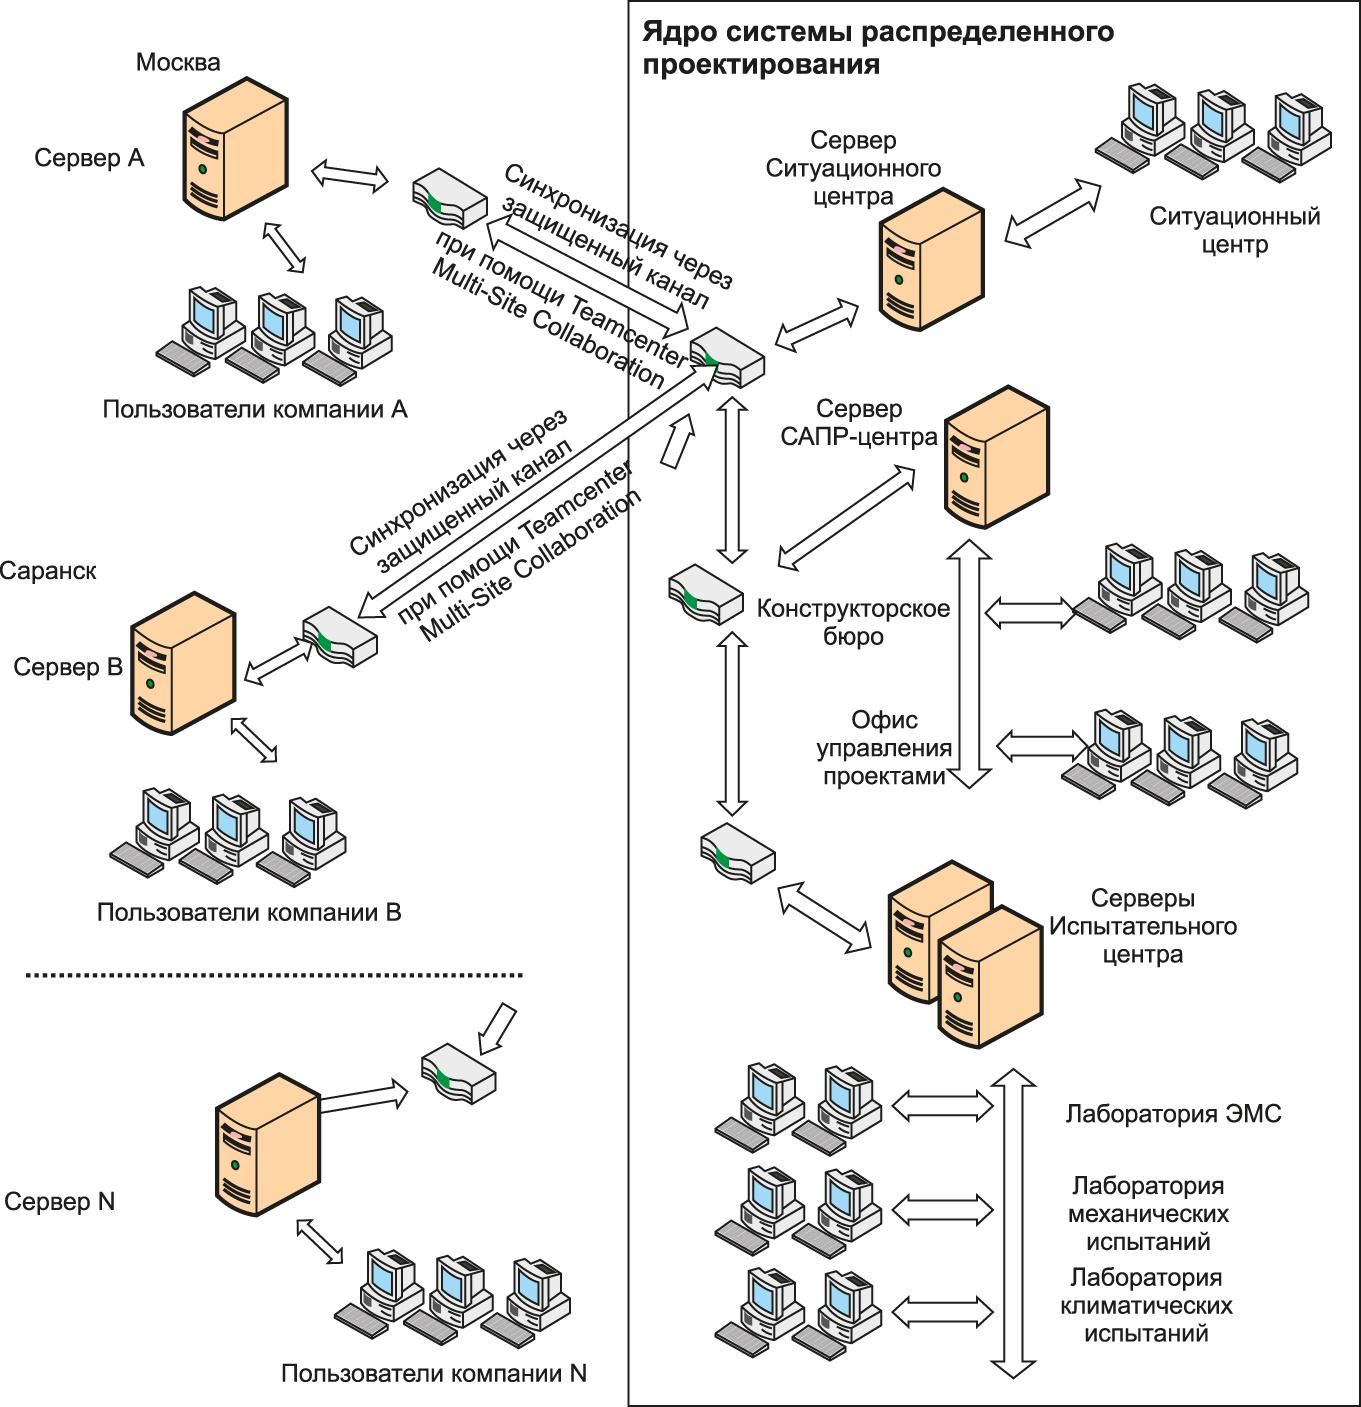 Структура ЦПИ в аспекте информационных технологий